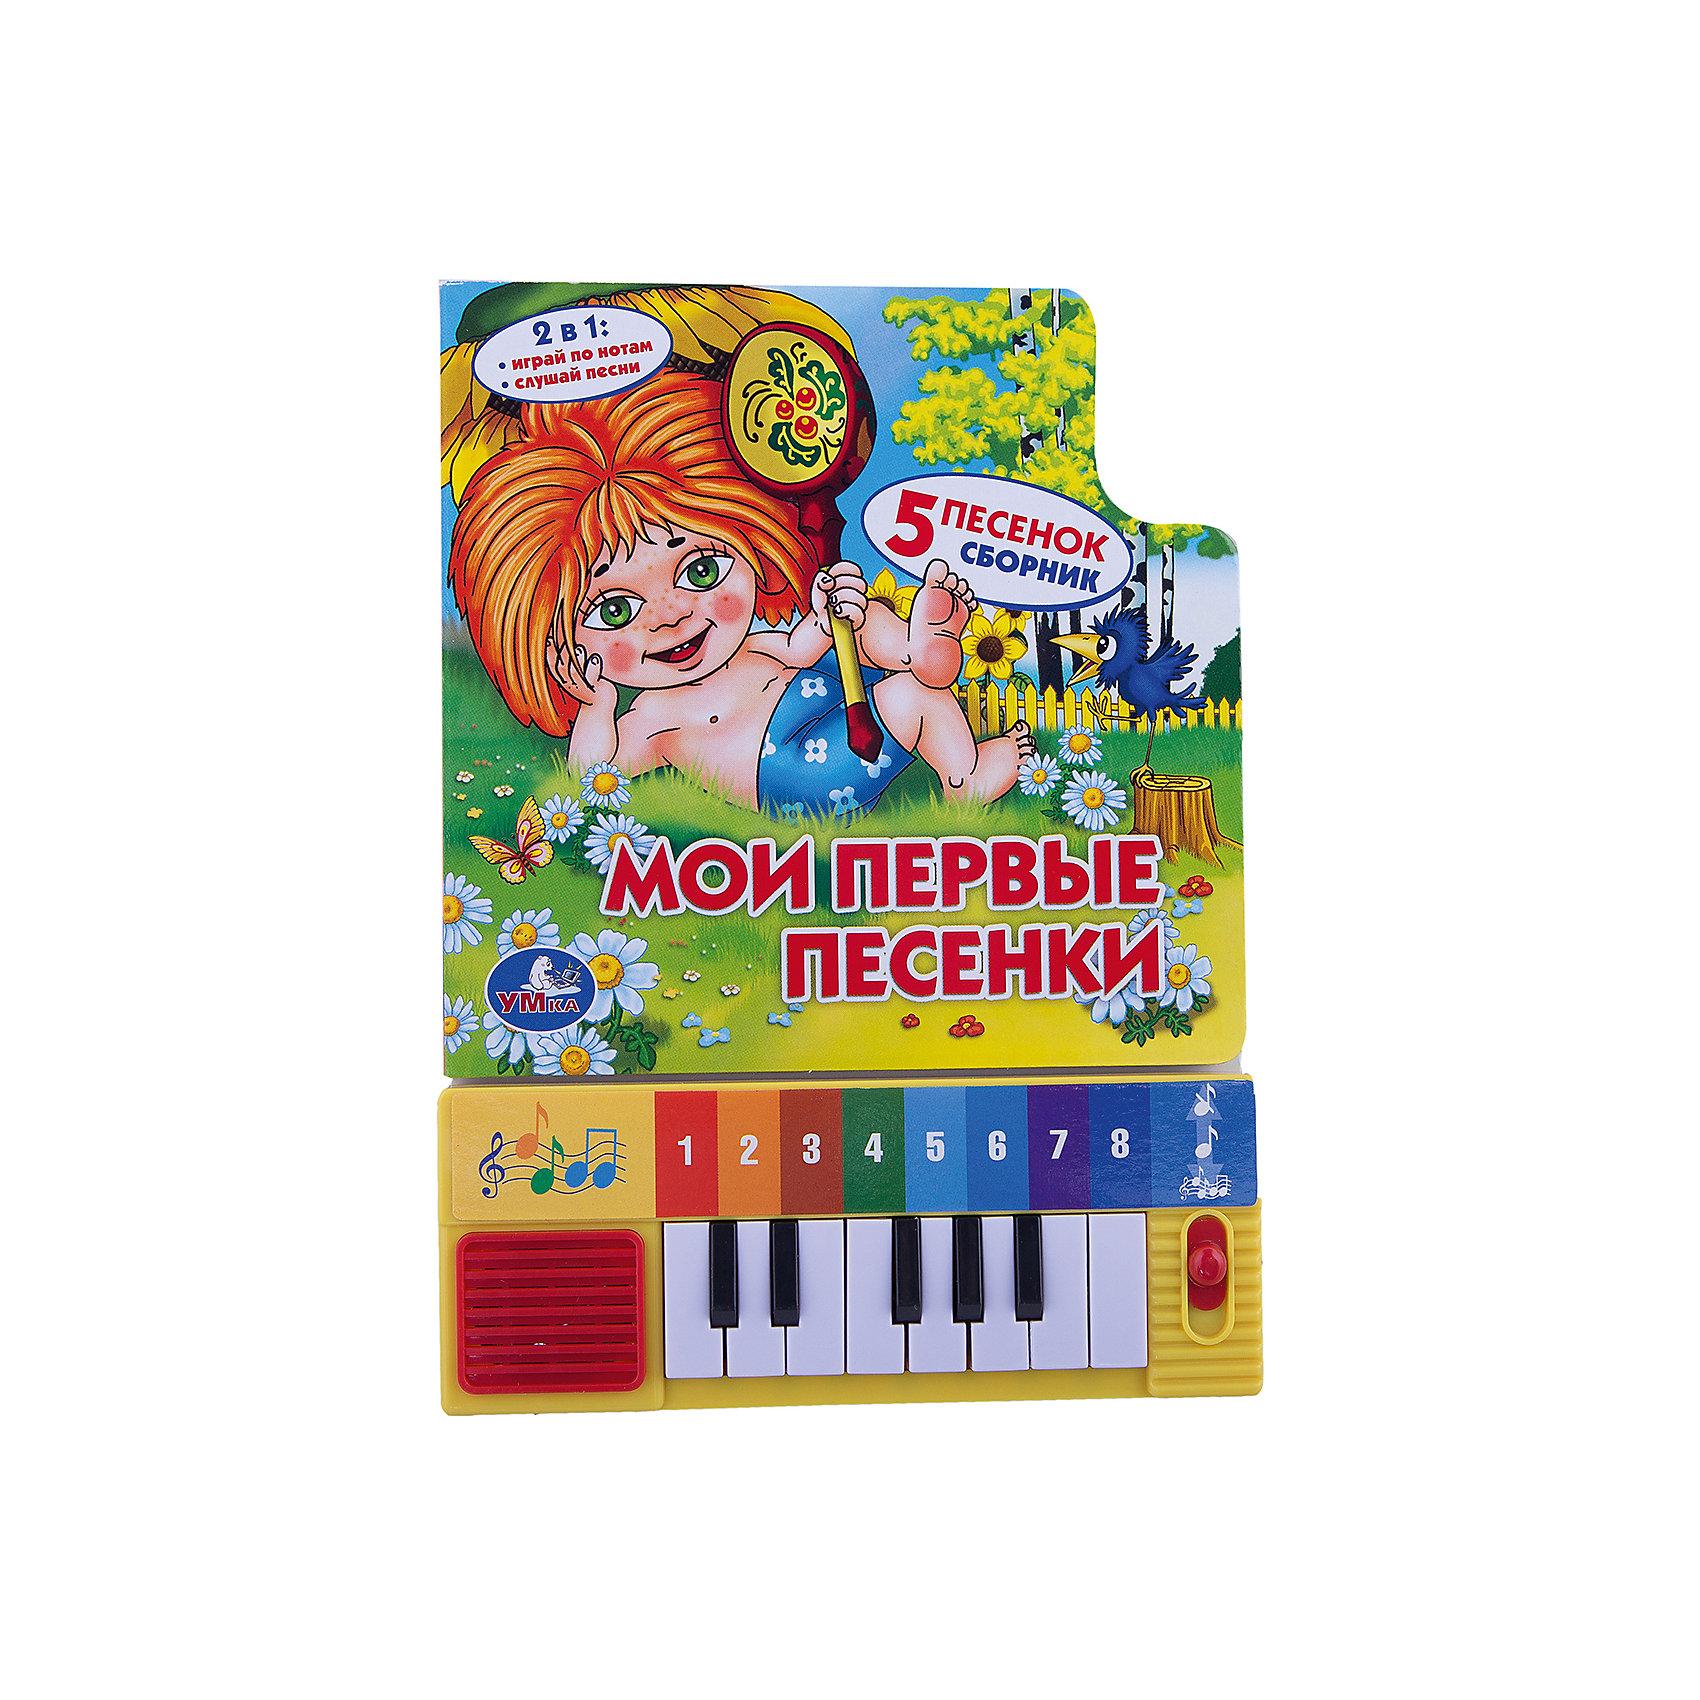 Книга-пианино Мои первые песенки, СоюзмультфильмМузыкальные книги<br>Мои Первые Песенки, Умка<br>Книга-пианино, при движении кнопки в верхнем положении выключается, в среднем можно послушать 5 песенок на клавише, в нижнем положении можно поиграть на пианино.<br><br>Дополнительная информация:<br><br>Формат/переплет/количество страниц: 10<br>Батарейки: ААА 2 шт.<br><br>Станет прекрасным развивающим подарком каждому ребенку!<br><br>Ширина мм: 150<br>Глубина мм: 30<br>Высота мм: 200<br>Вес г: 280<br>Возраст от месяцев: 12<br>Возраст до месяцев: 60<br>Пол: Унисекс<br>Возраст: Детский<br>SKU: 3341642